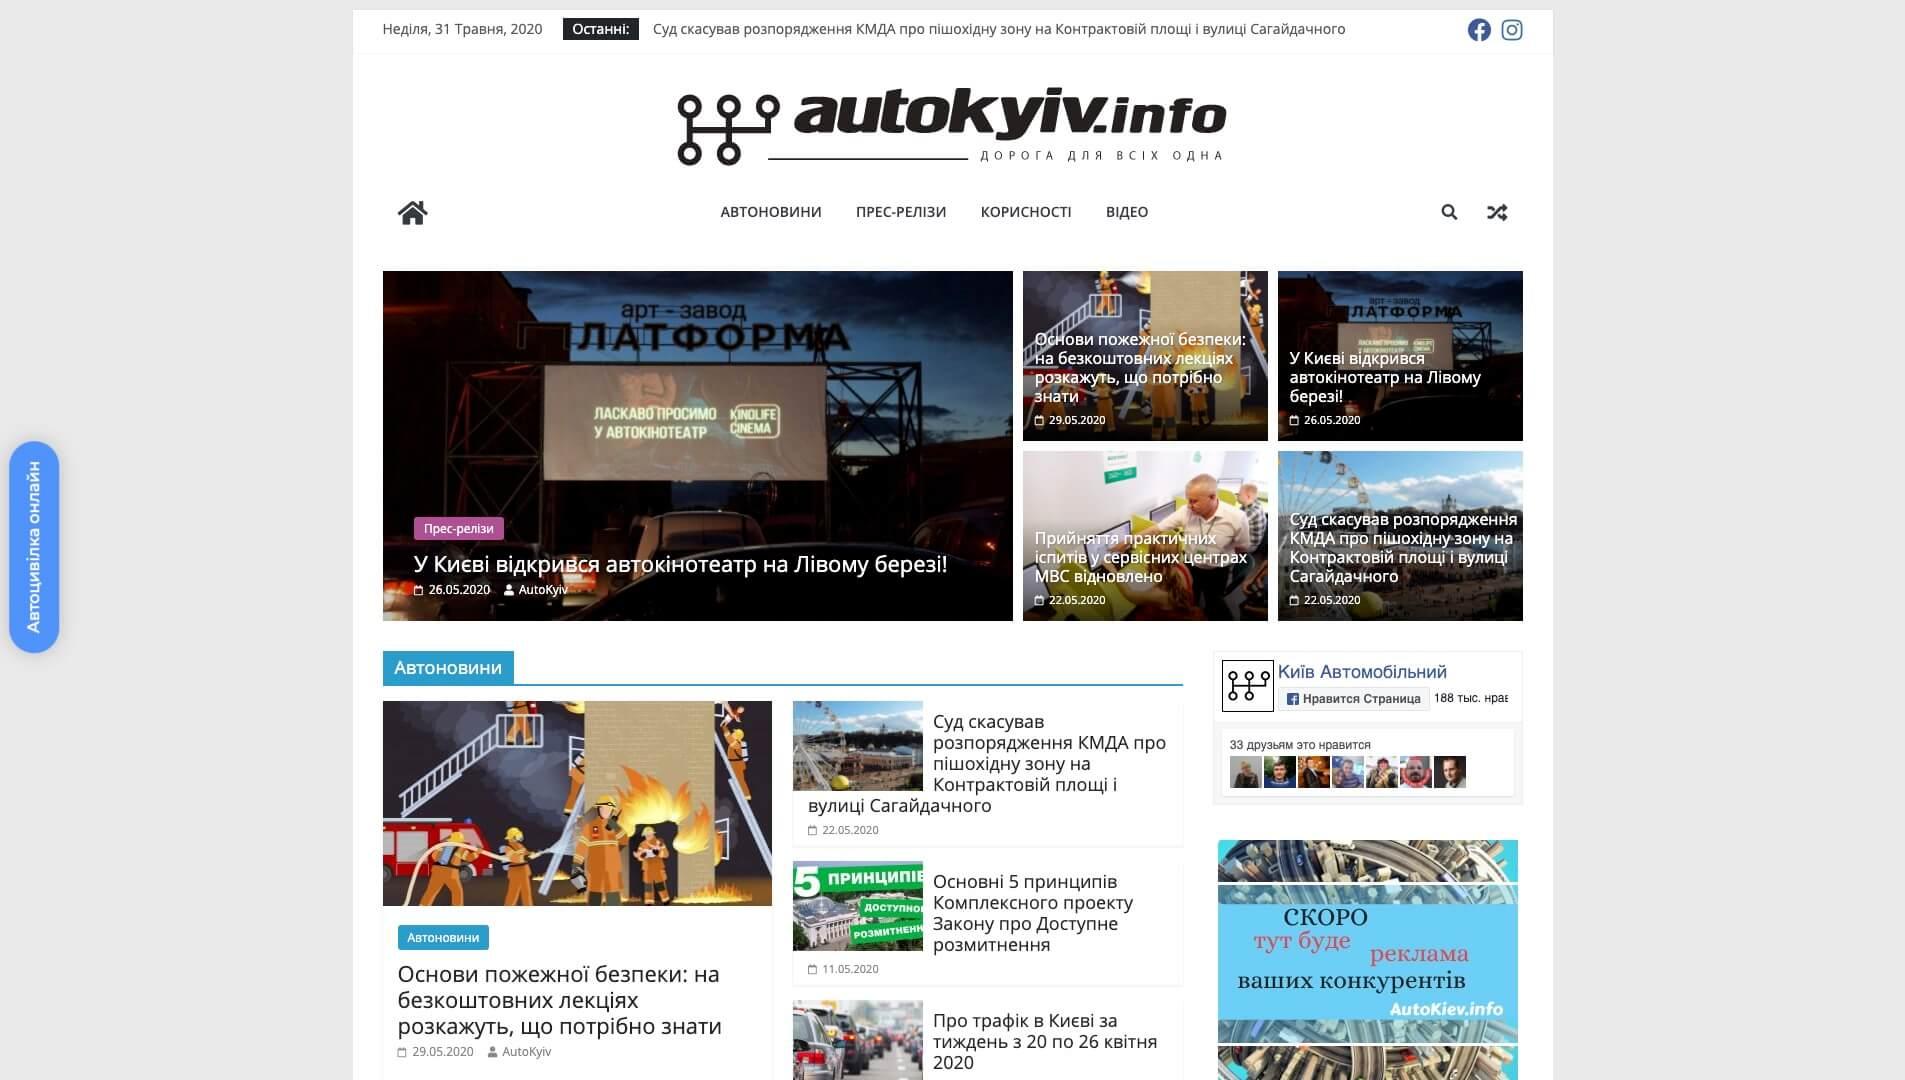 autokiev_1